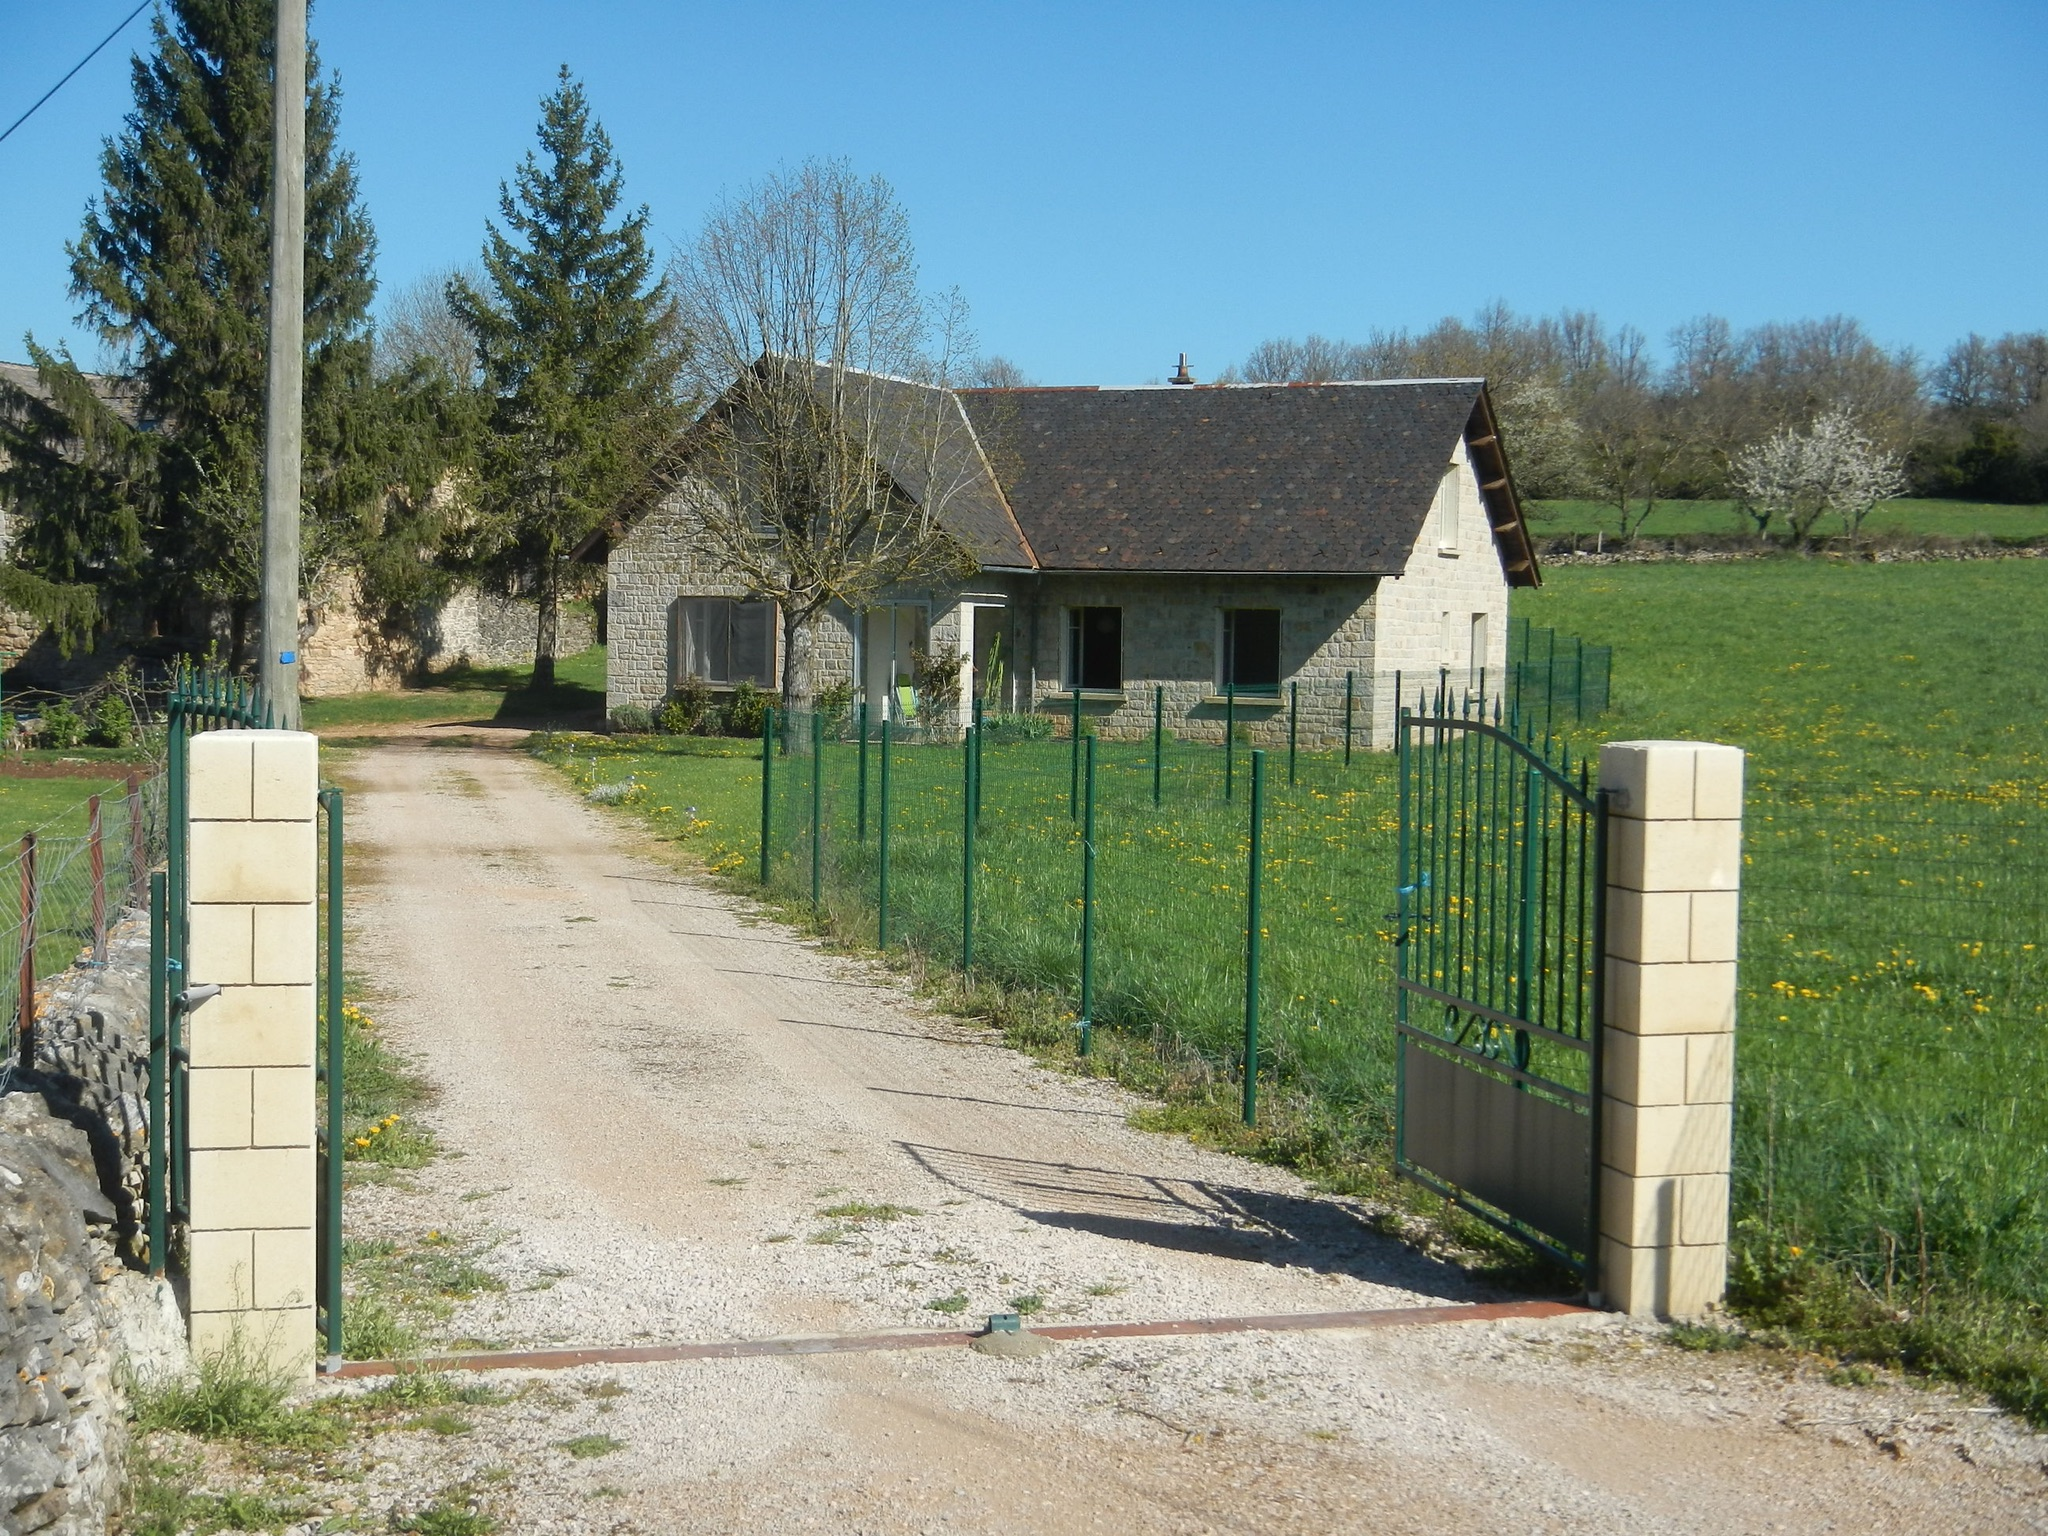 Ferienhaus Haus mit 6 Zimmern in Banassac mit toller Aussicht auf die Berge und eingezäuntem Garten - (2202056), Banassac, Lozère, Languedoc-Roussillon, Frankreich, Bild 3